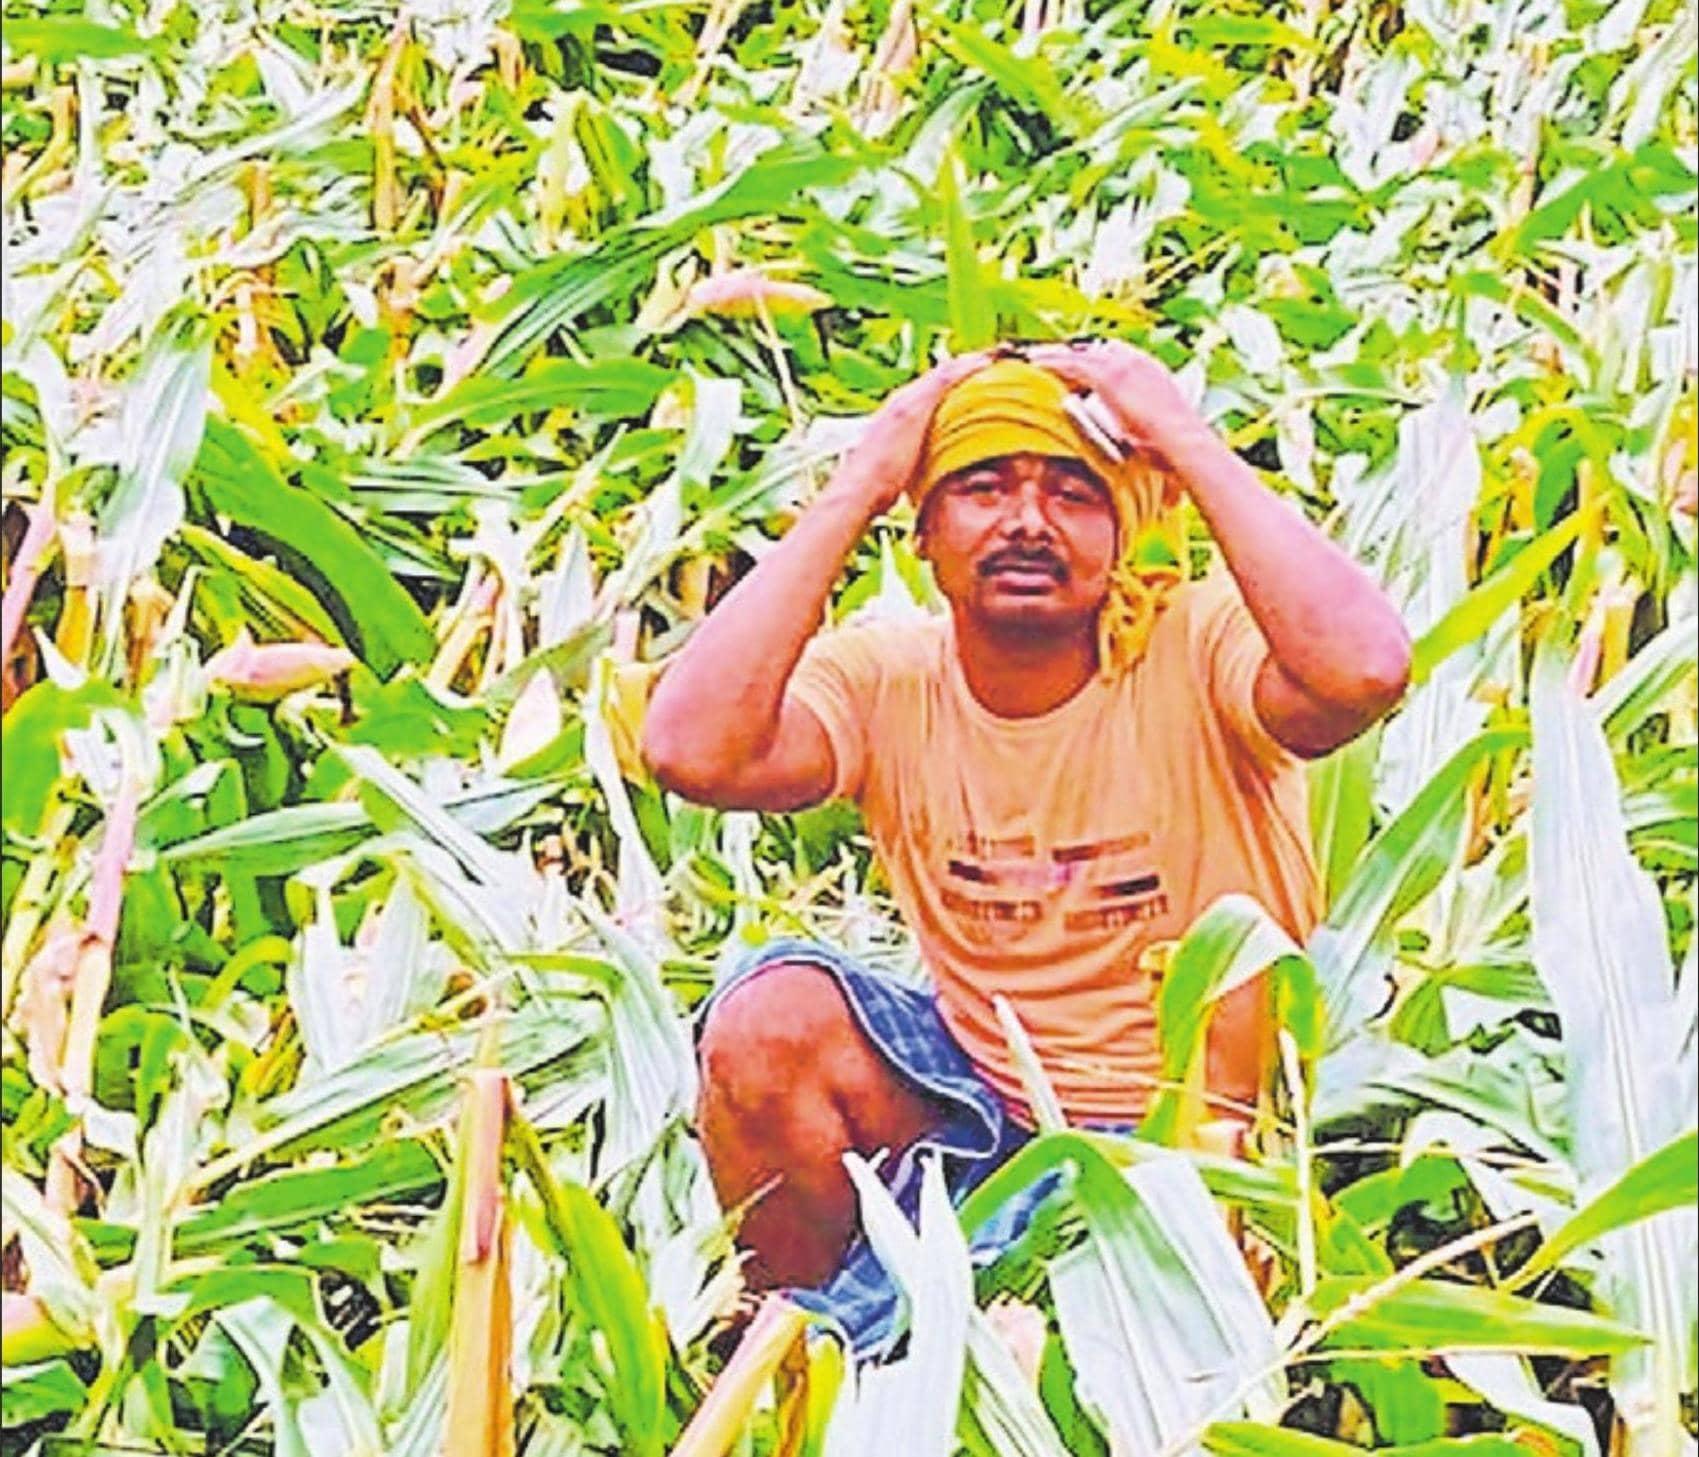 तेज हवा व बारिश से हजारों एकड़ में लगी मक्का की फसल हुई बर्बाद